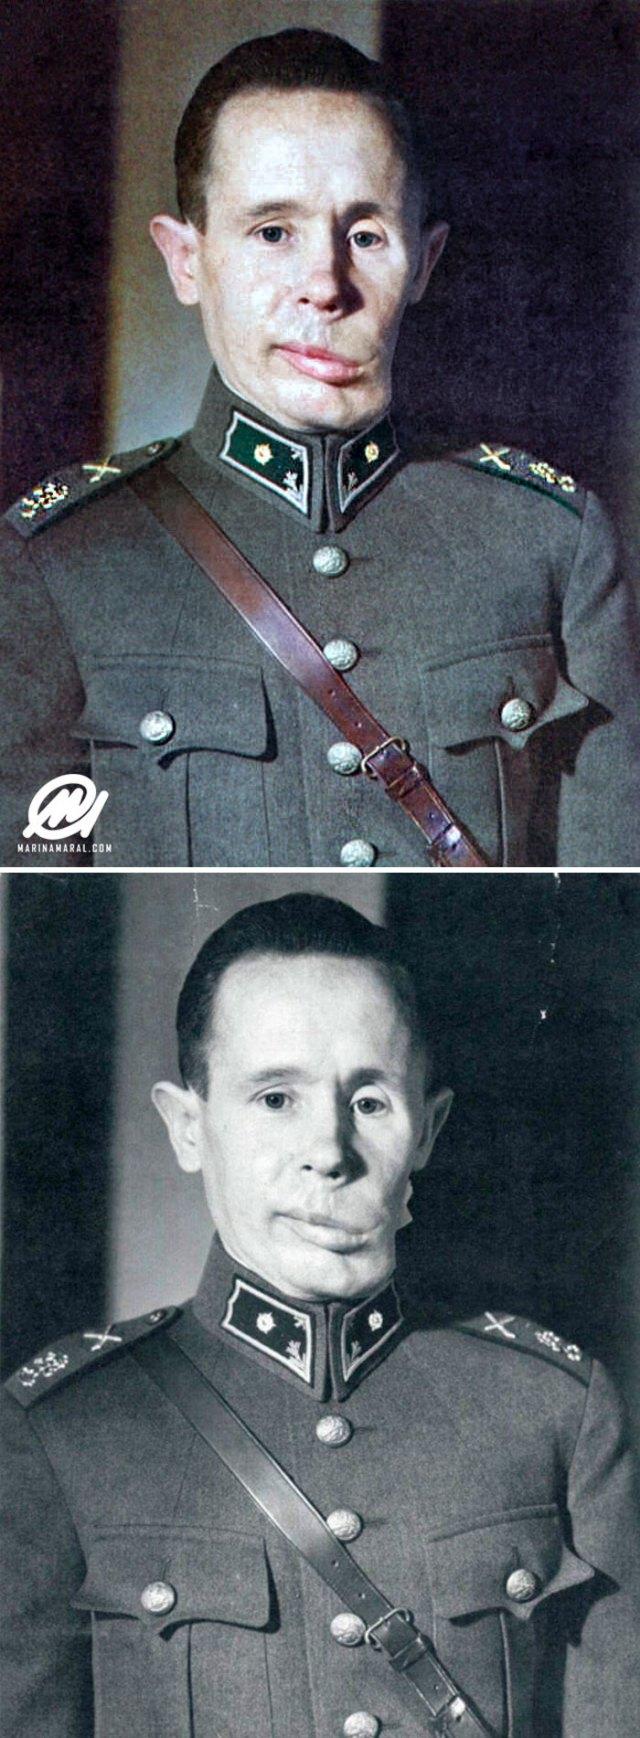 El francotirador finés Simo Häyhä, la Muerte blanca